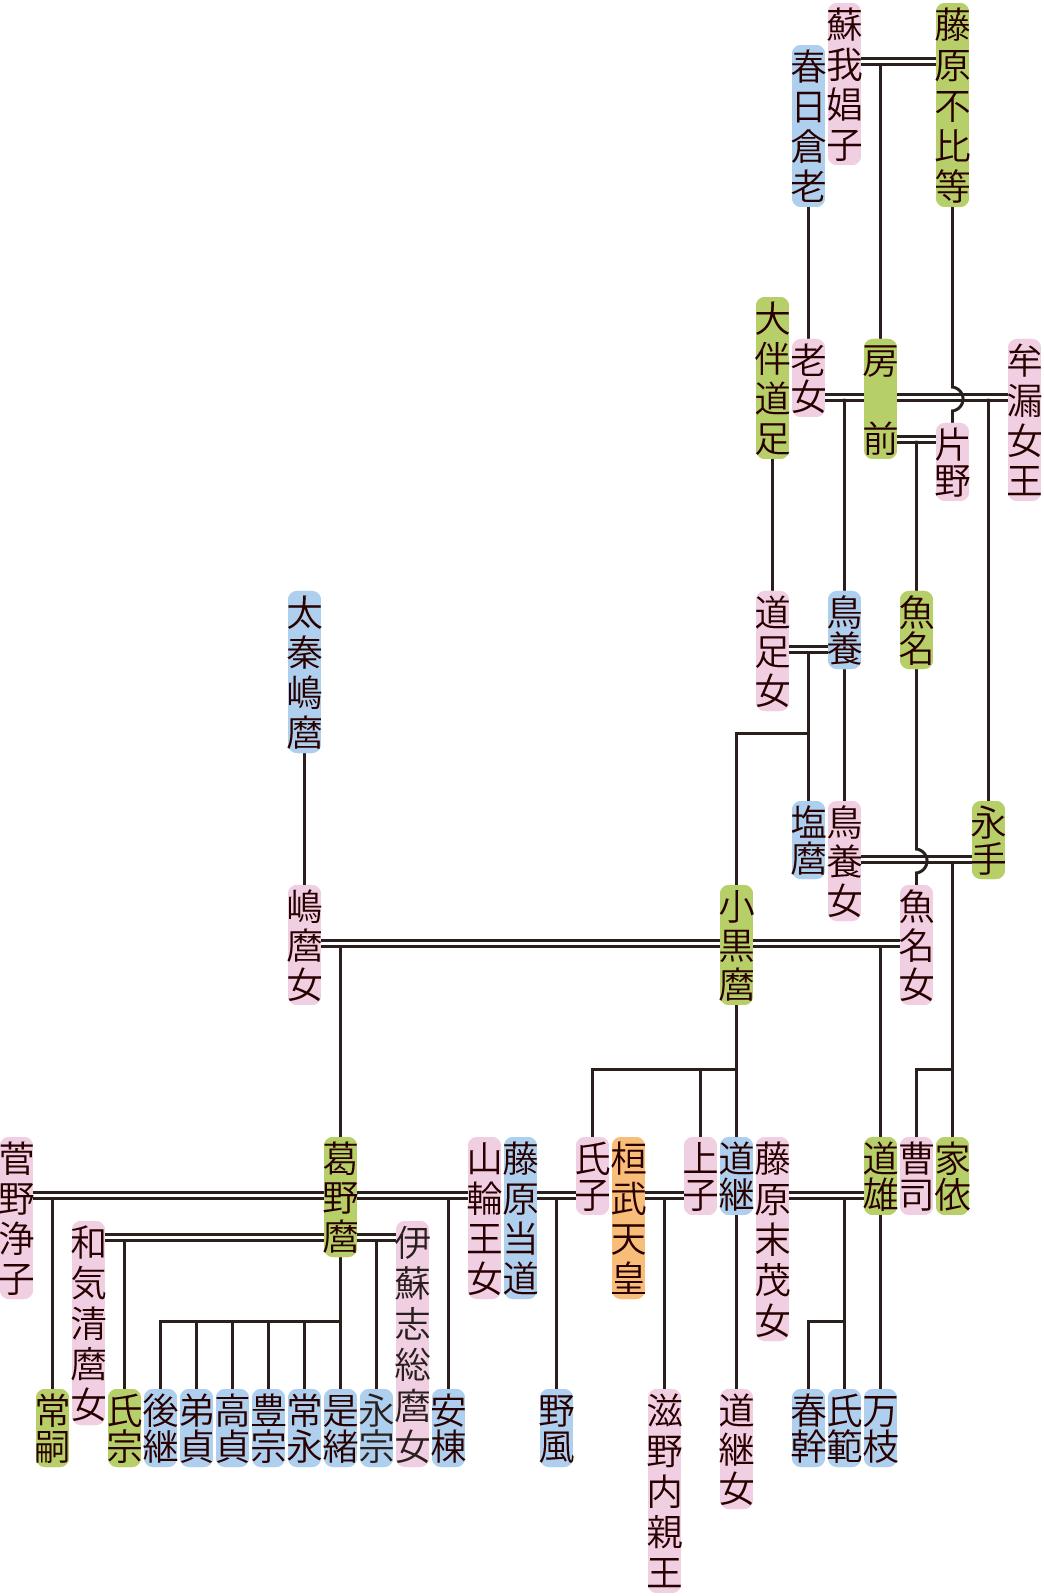 藤原鳥養・小黒麿の系図